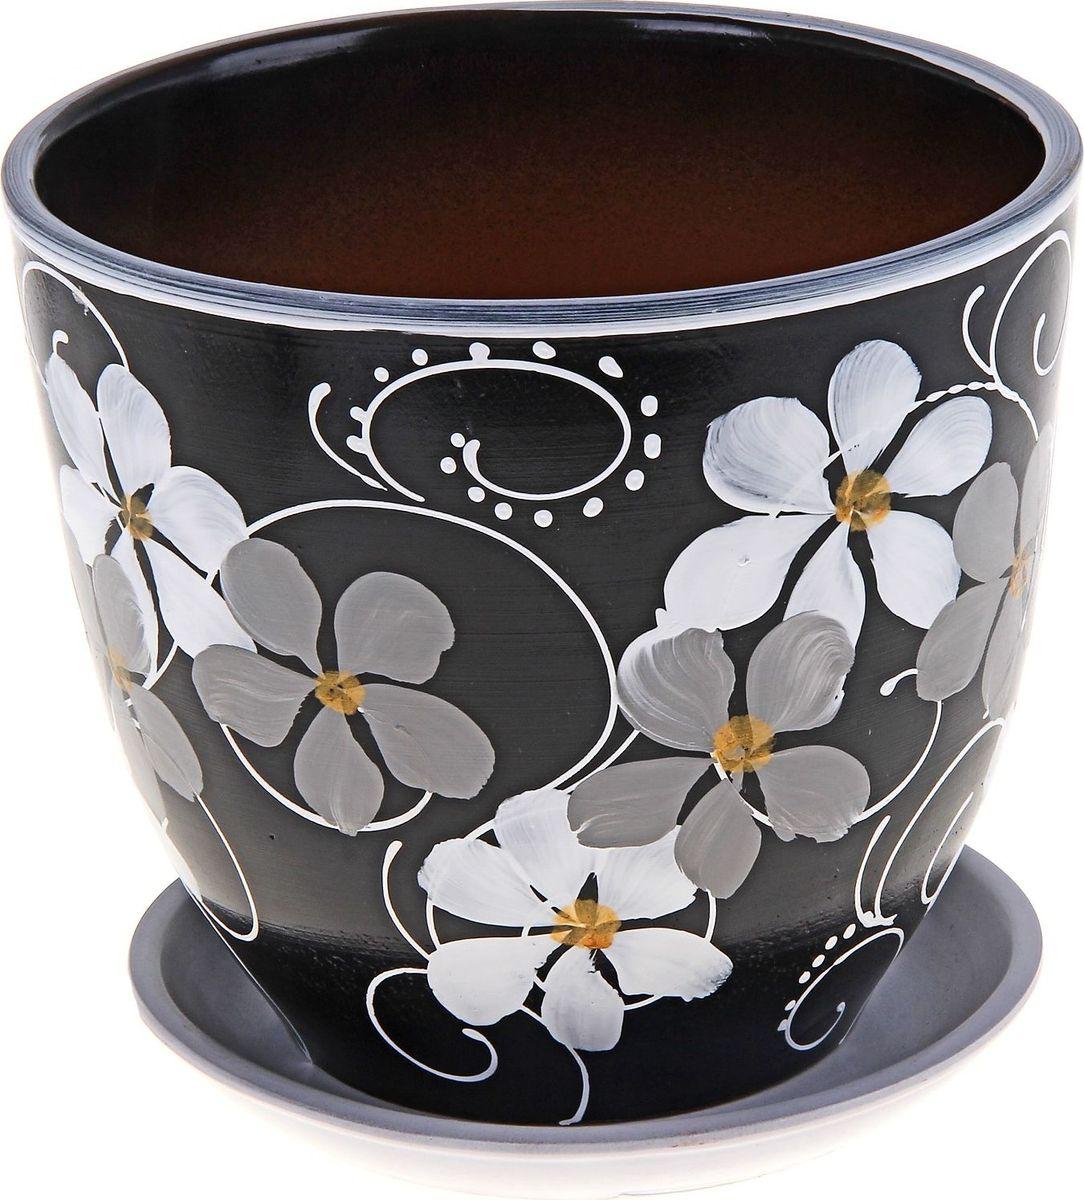 Кашпо Фиалка, поддоном, цвет: черный, 5 л164979Комнатные растения - всеобщие любимцы. Они радуют глаз, насыщают помещение кислородом и украшают пространство. Каждому из них необходим свой удобный и красивый дом. Кашпо из керамики прекрасно подходят для высадки растений: пористый материал позволяет испаряться лишней влаге; воздух, необходимый для дыхания корней, проникает сквозь керамические стенки. Кашпо Фиалка позаботится о зелёном питомце, освежит интерьер и подчеркнёт его стиль. Объем: 5 л.